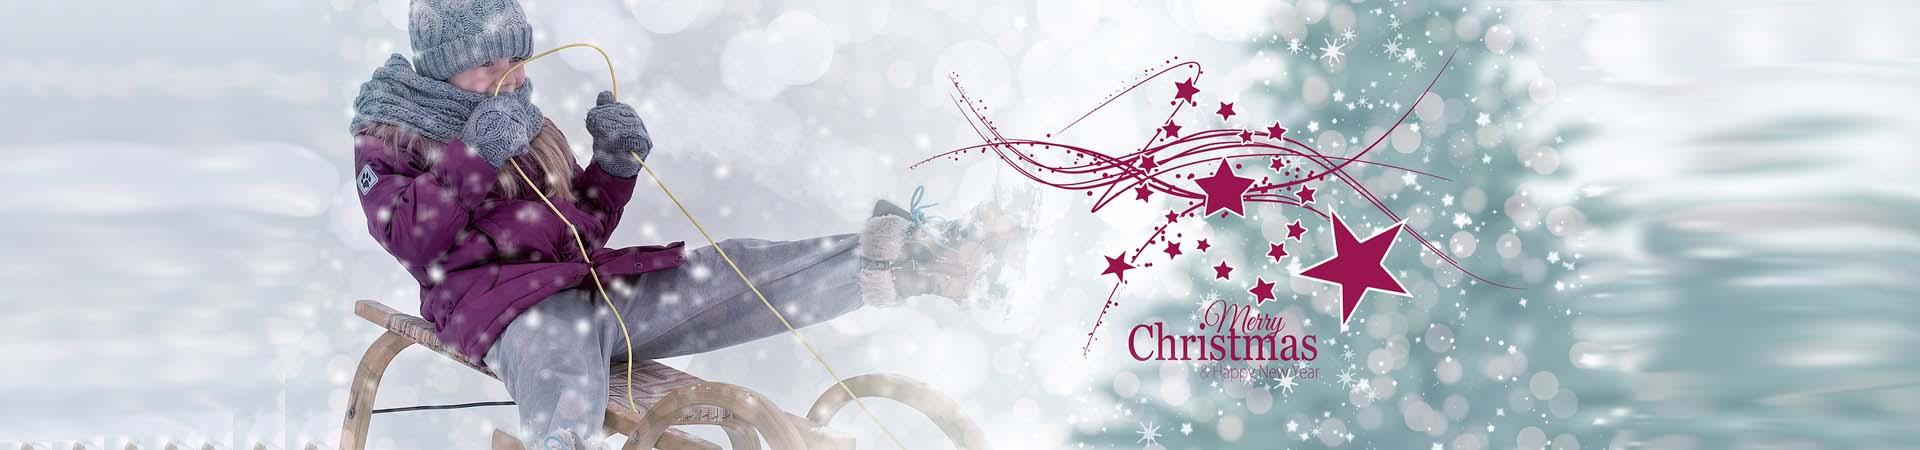 С наступающими рождественскими и новогодними праздниками.